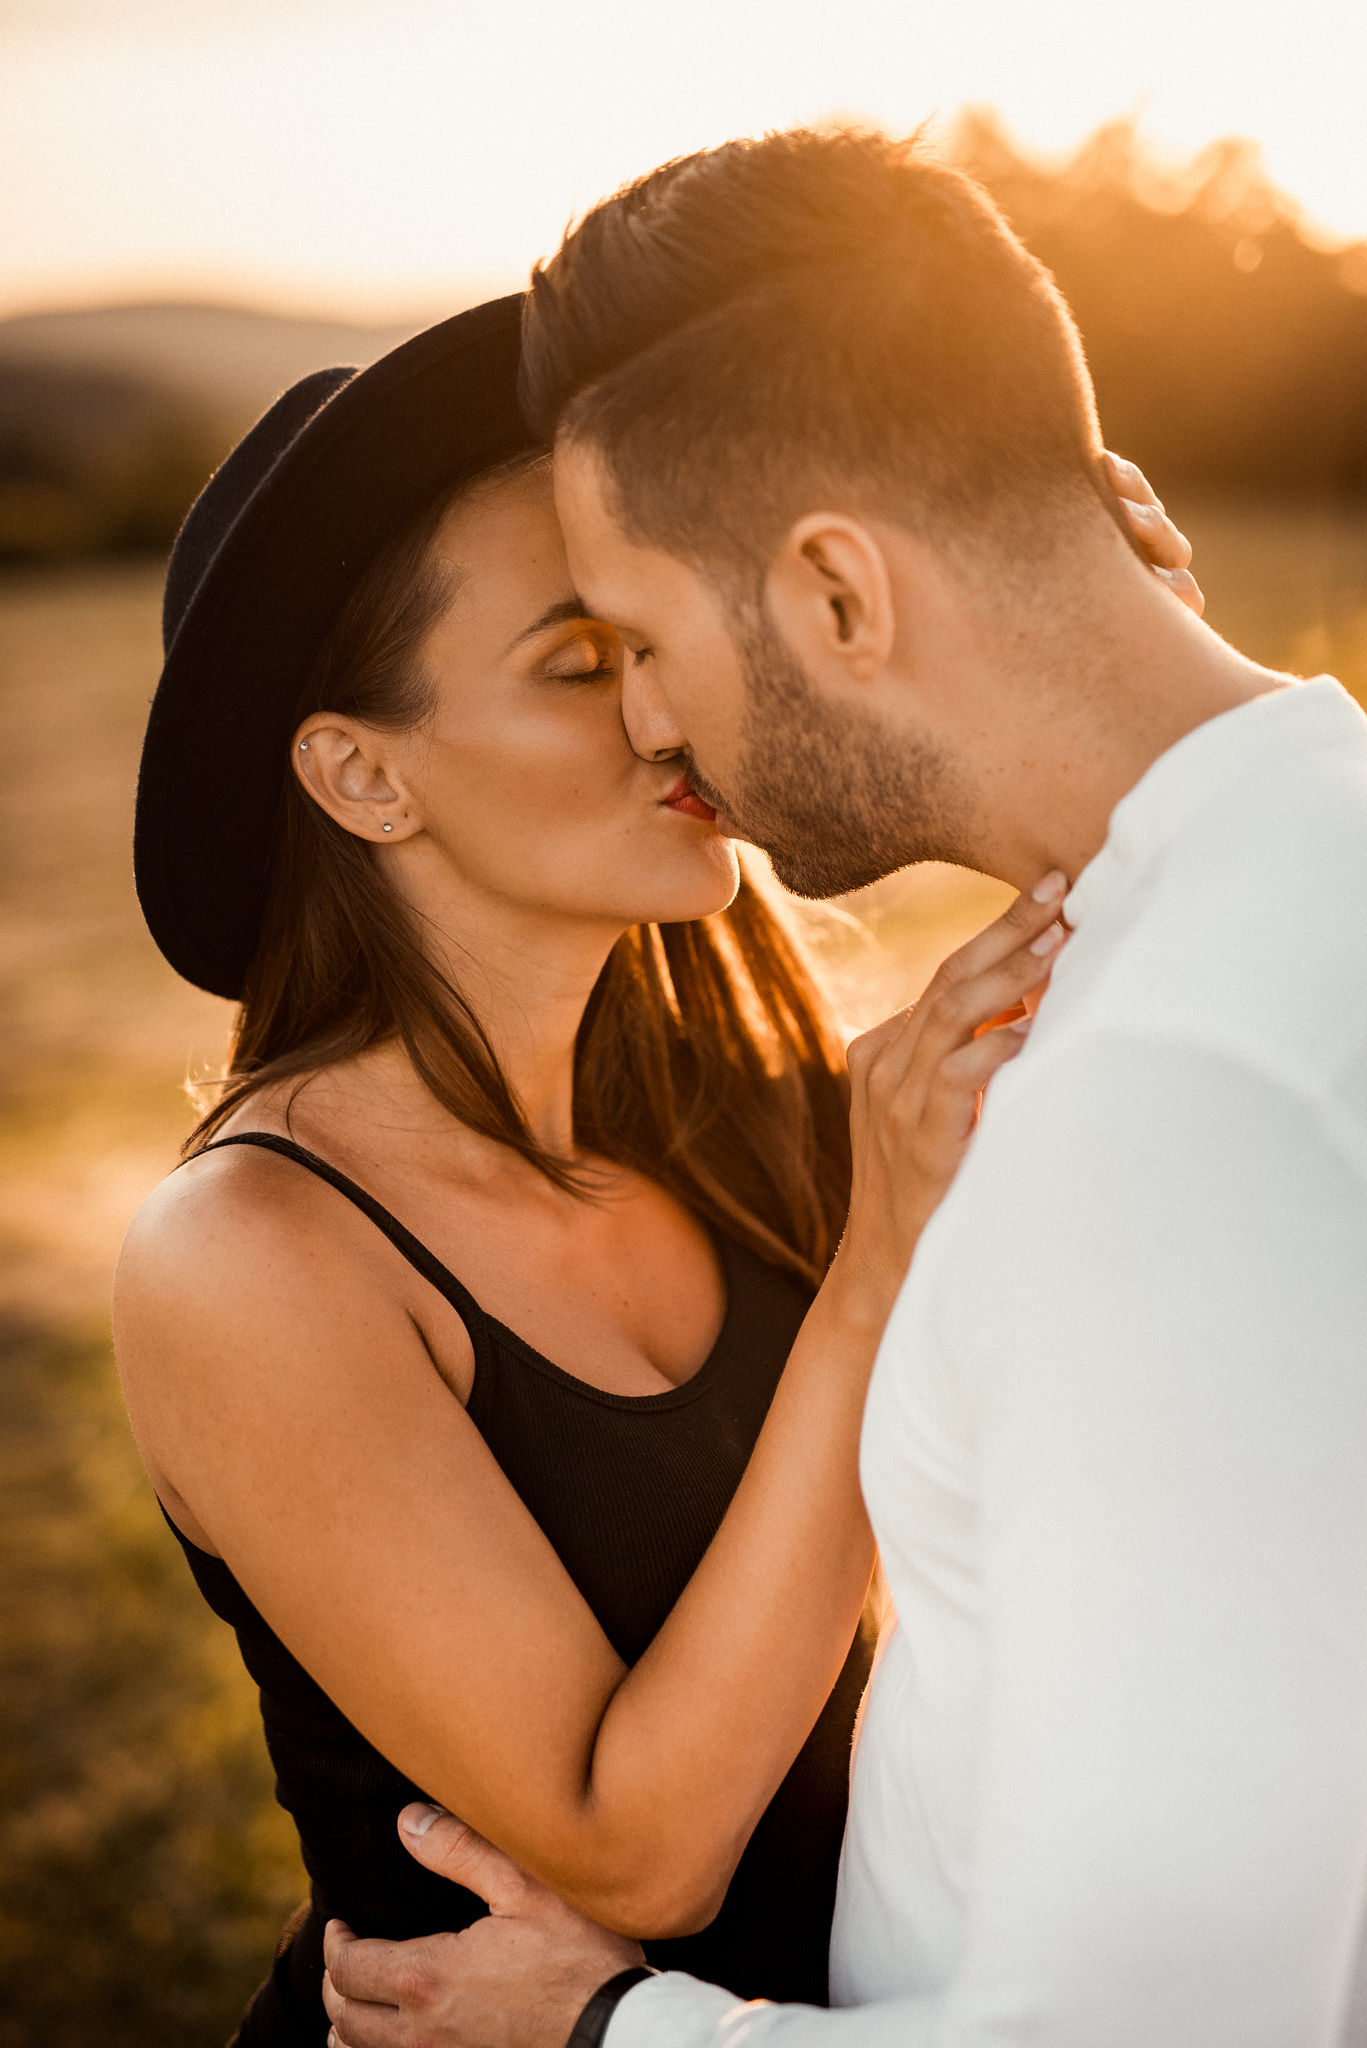 rande, mladý zamilovaný pár, láska, bozk, západ slnka, romantika, krásna foto, príroda, portrét, Považská Bystrica, Žilina